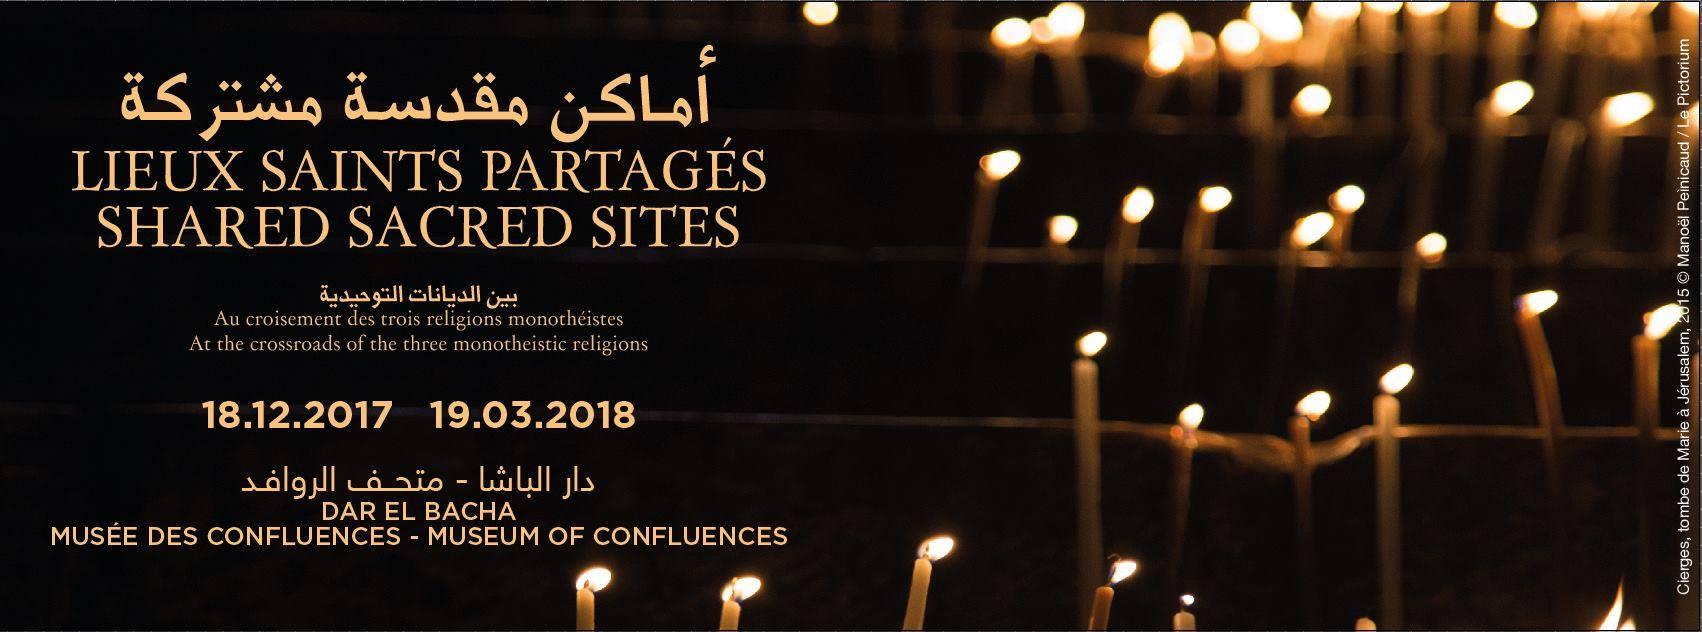 Mehdi-Georges+Lahlou+-+Lieux+Saints+Partagés+-+Musée+des+Confluences+Marrakech.jpg